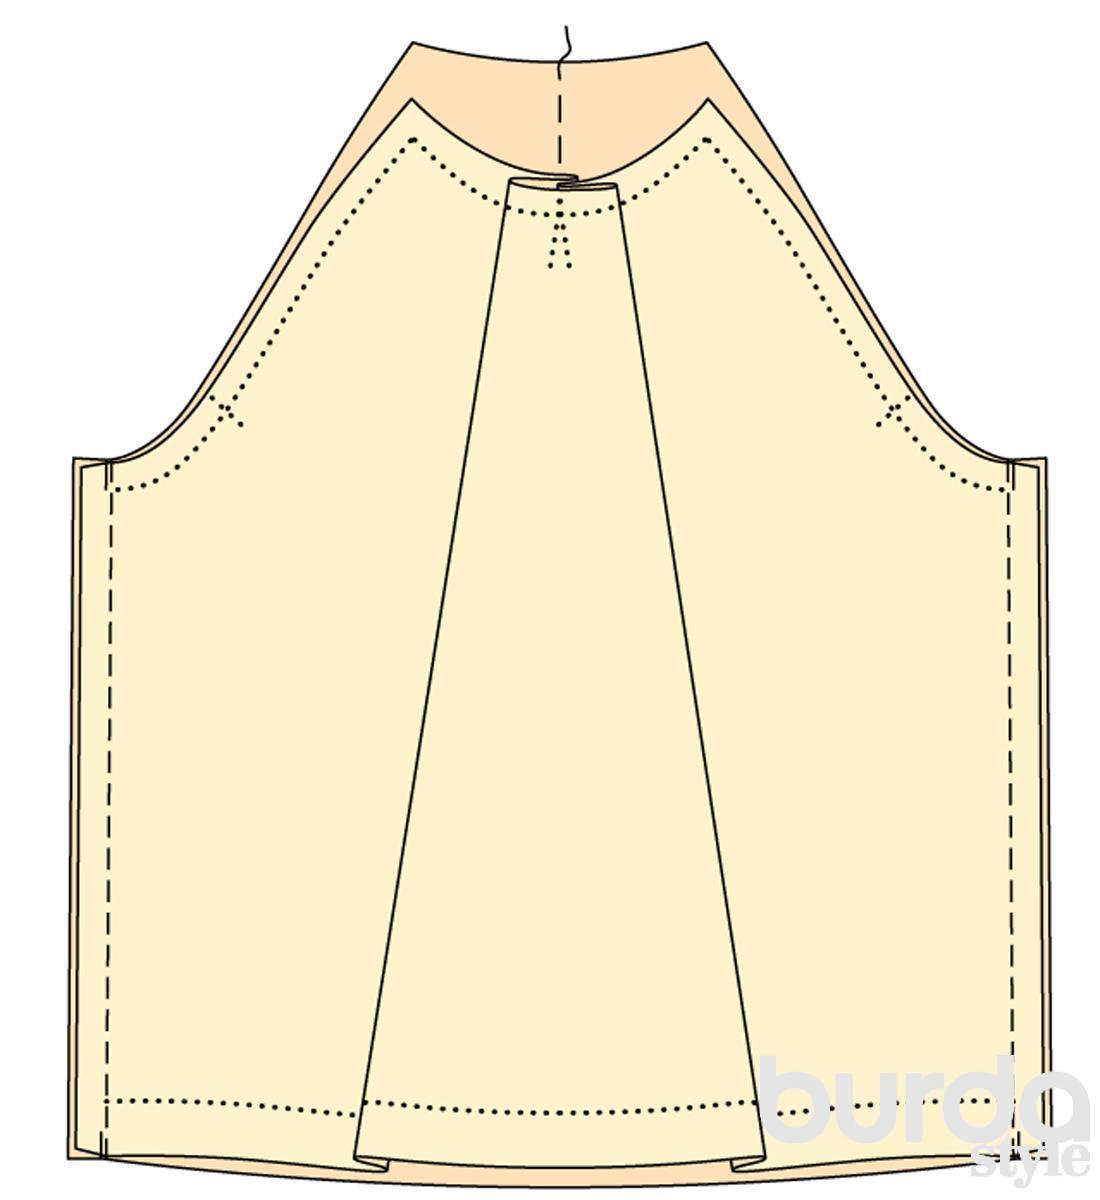 Шьем сами - секреты шитья от А. Корфиати 21